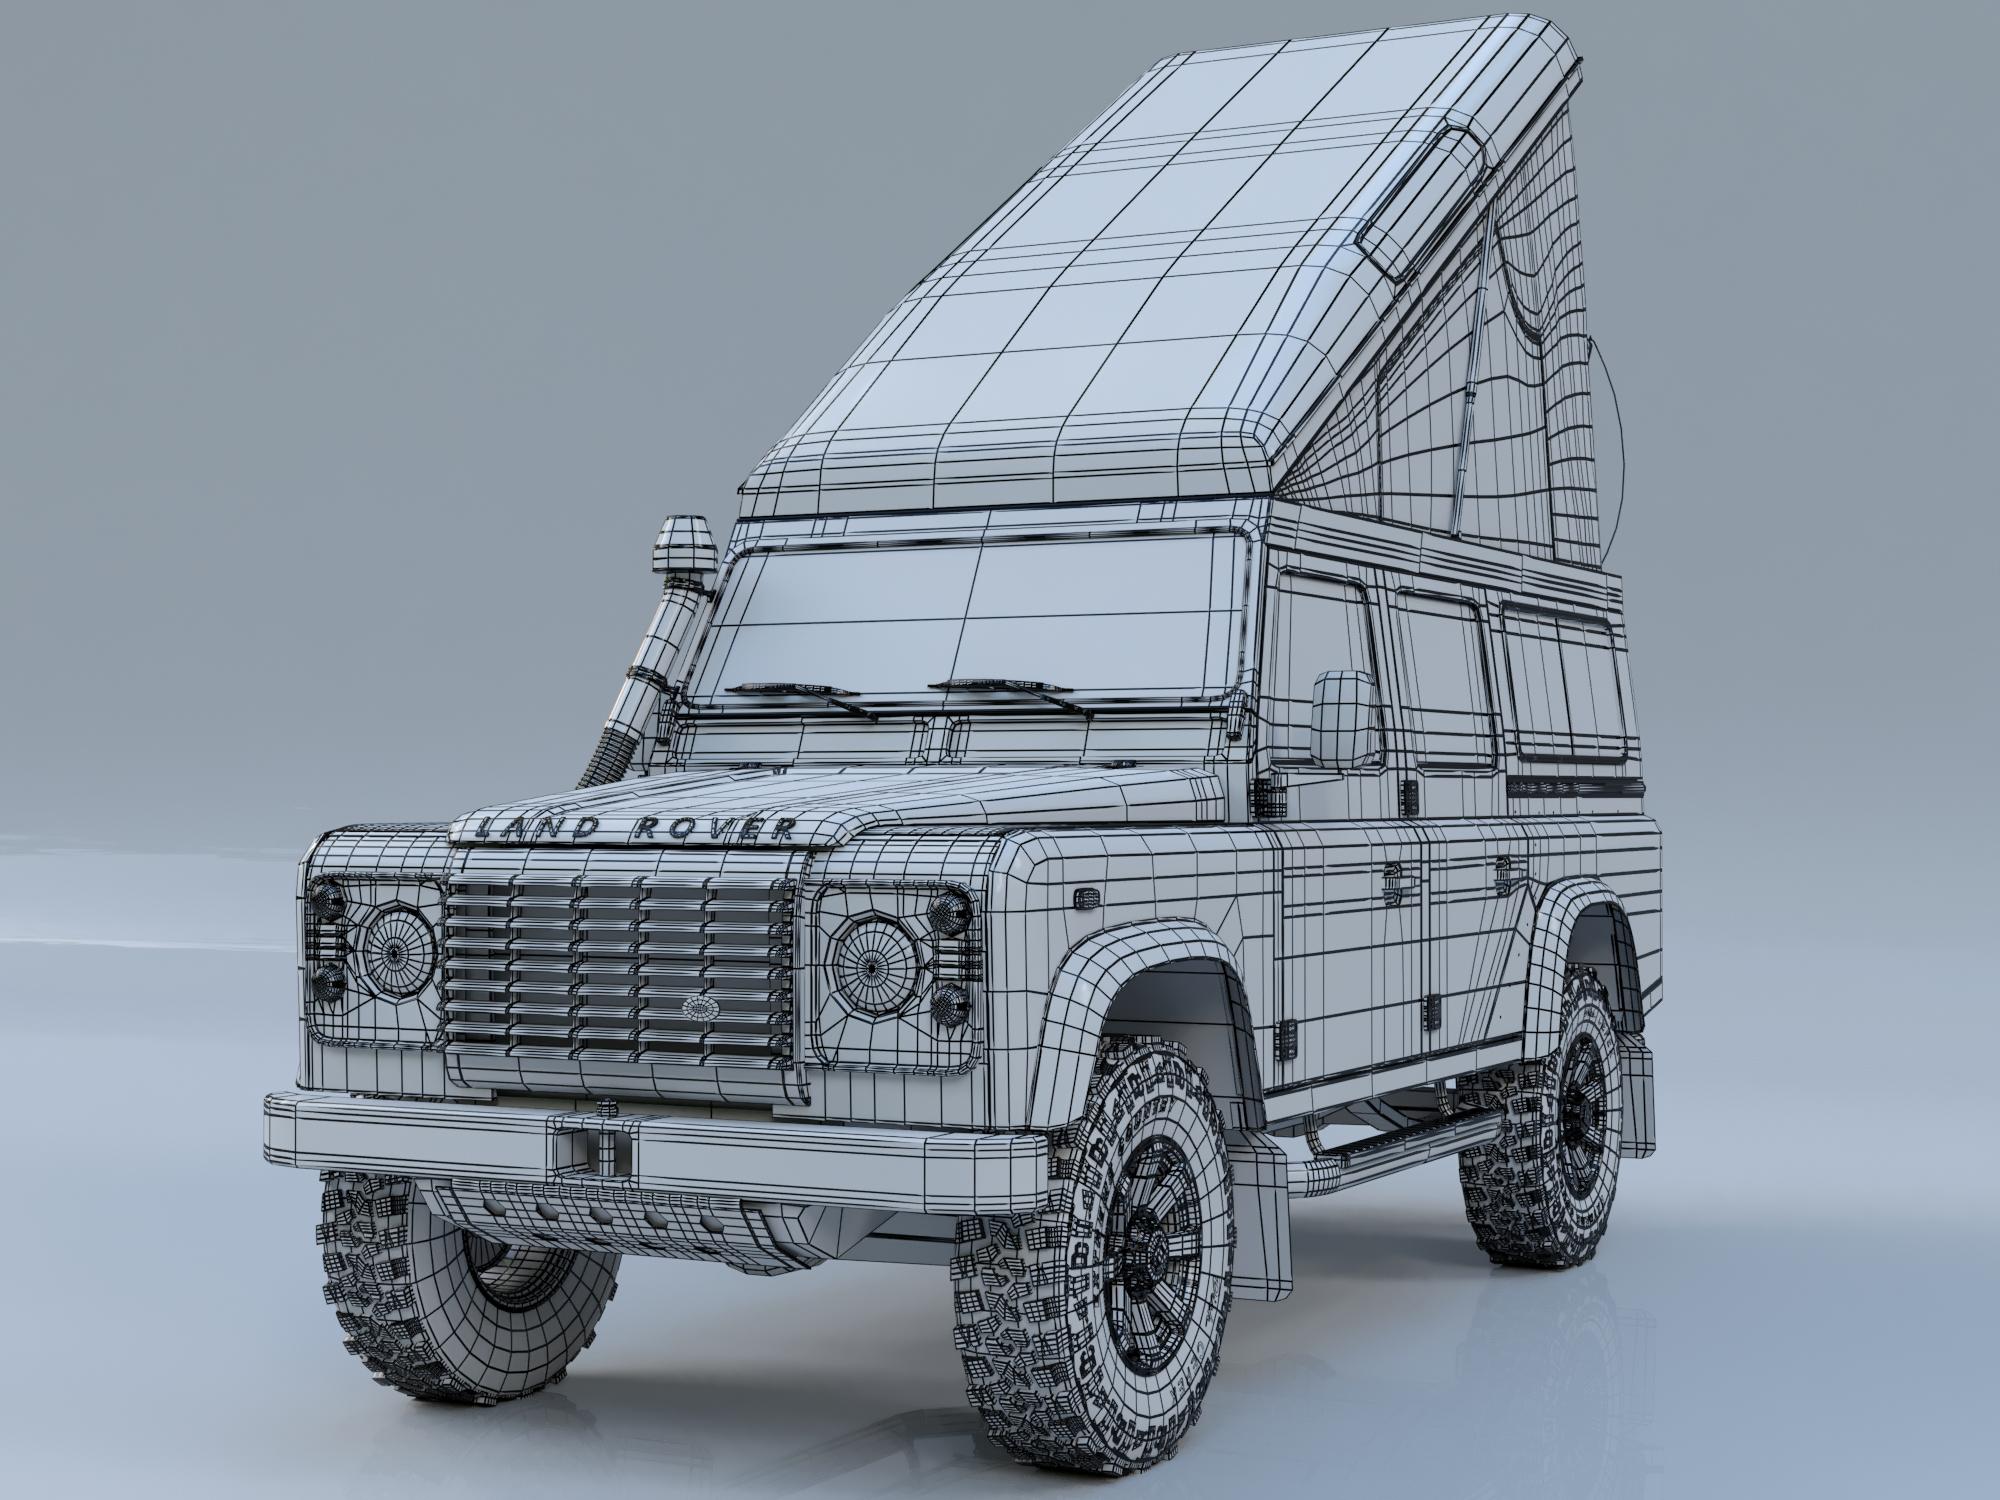 Land Rover Defender 110 Camper